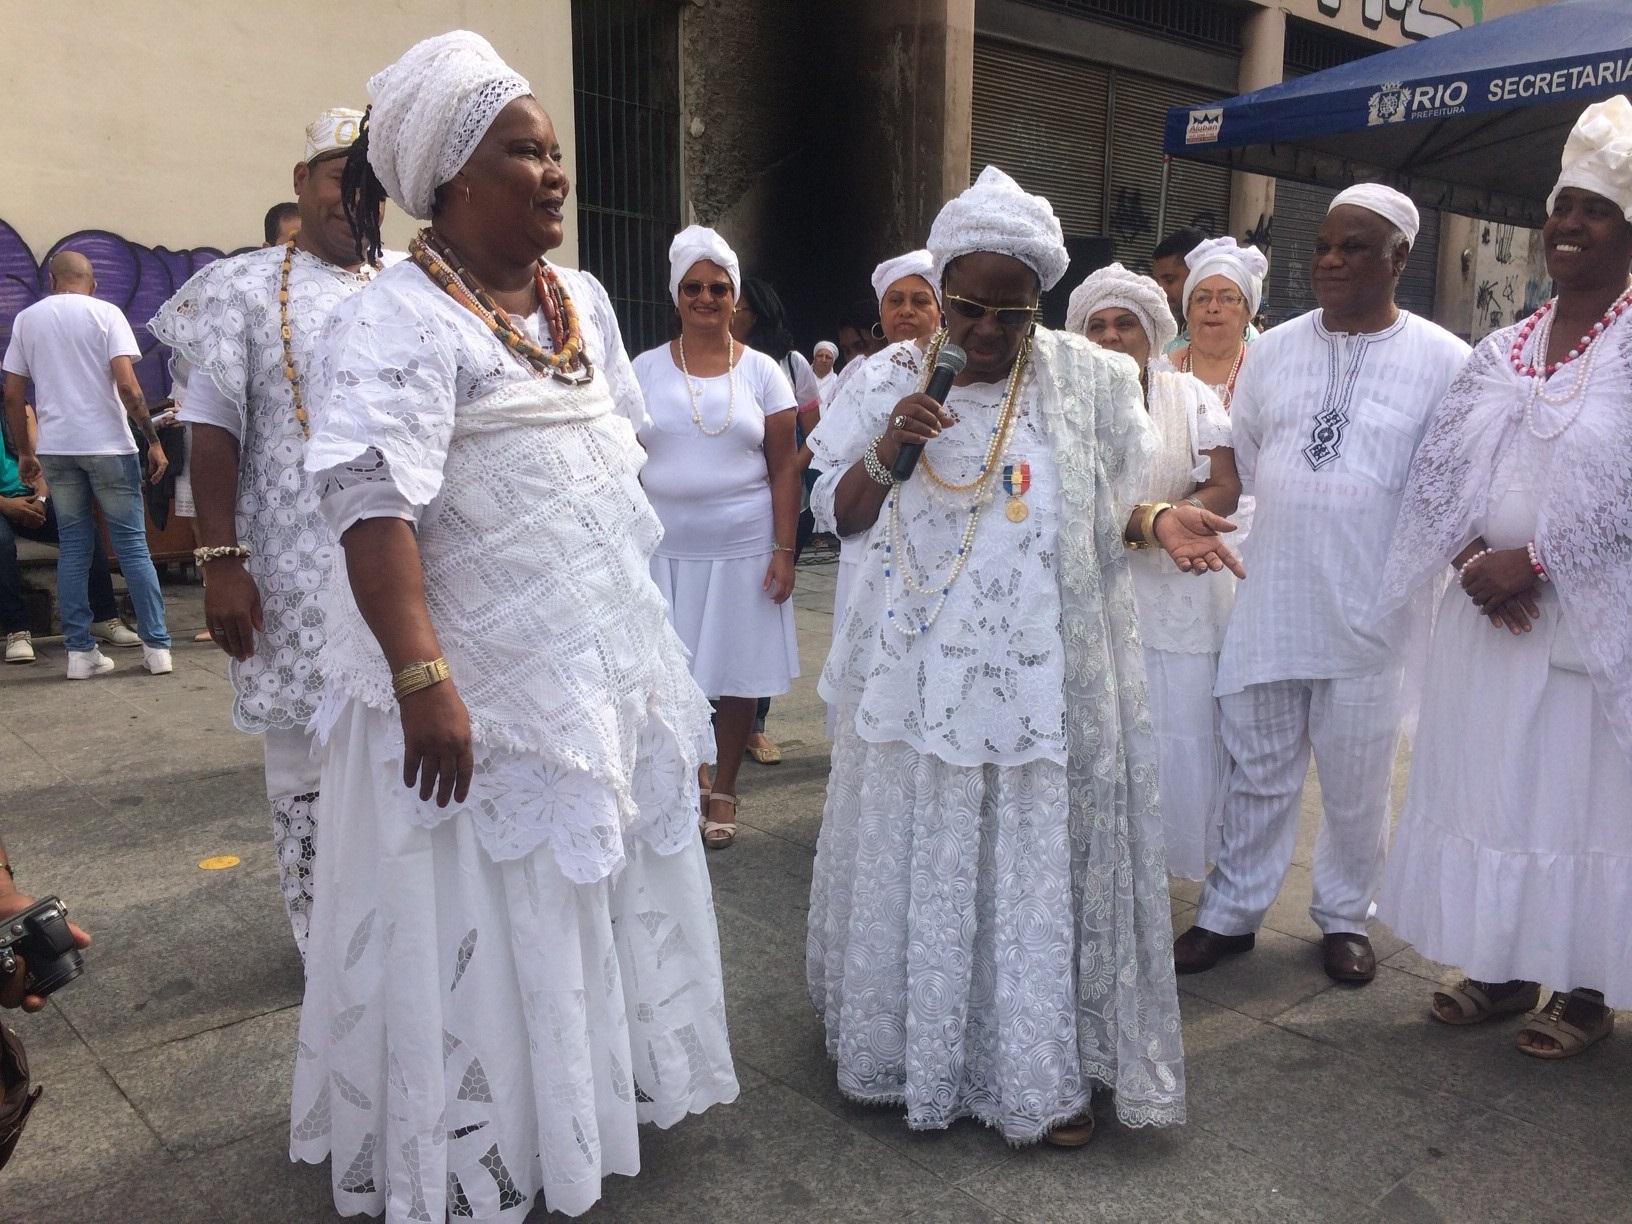 Maes de santo, priesteressen van candomblé Brazilie